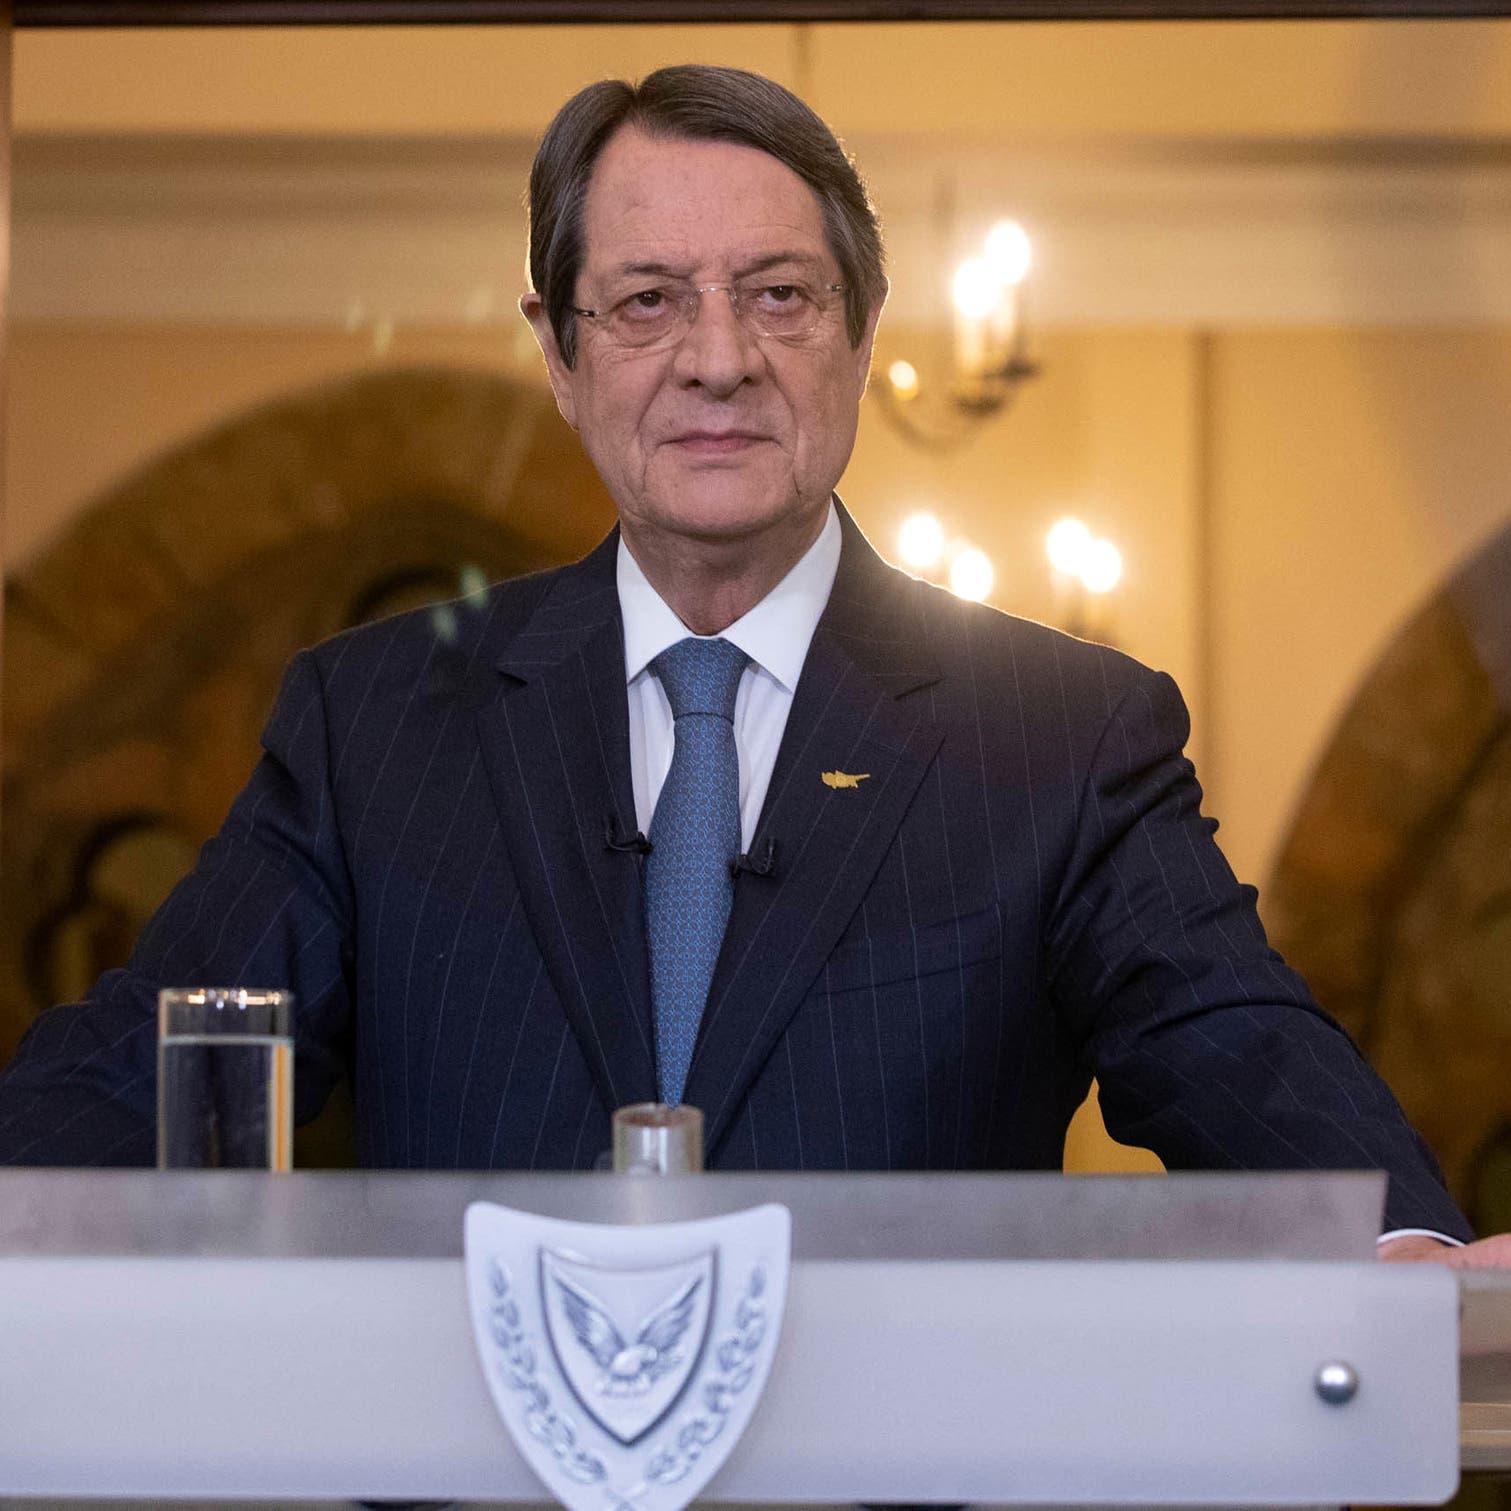 قبرص: نعمل مع الأوروبيين على الحد من سياسة تركيا التوسعية